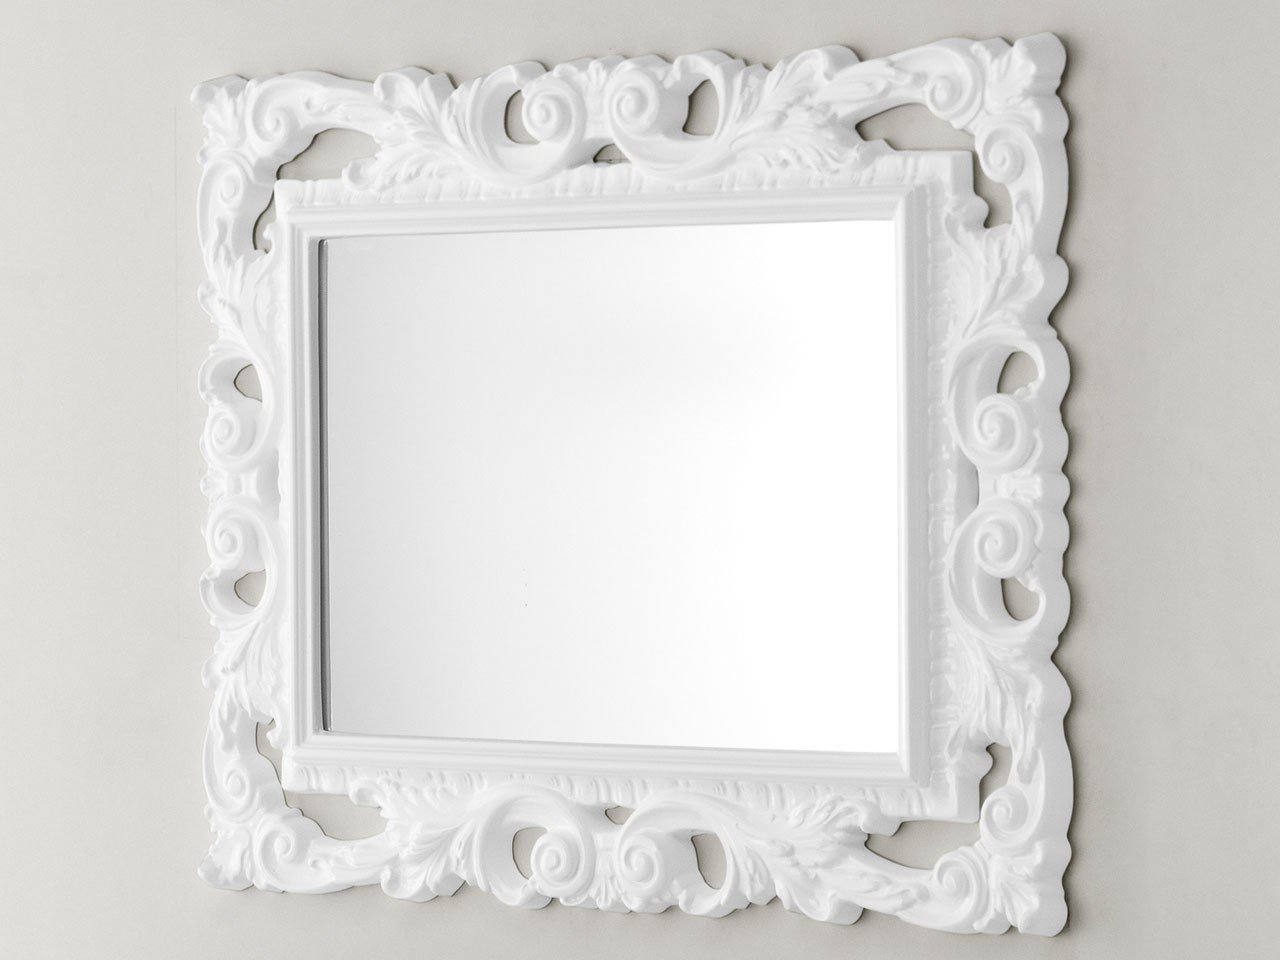 Specchio barocco 94x75 bianco iperceramica - Mobili bagno immagini ...